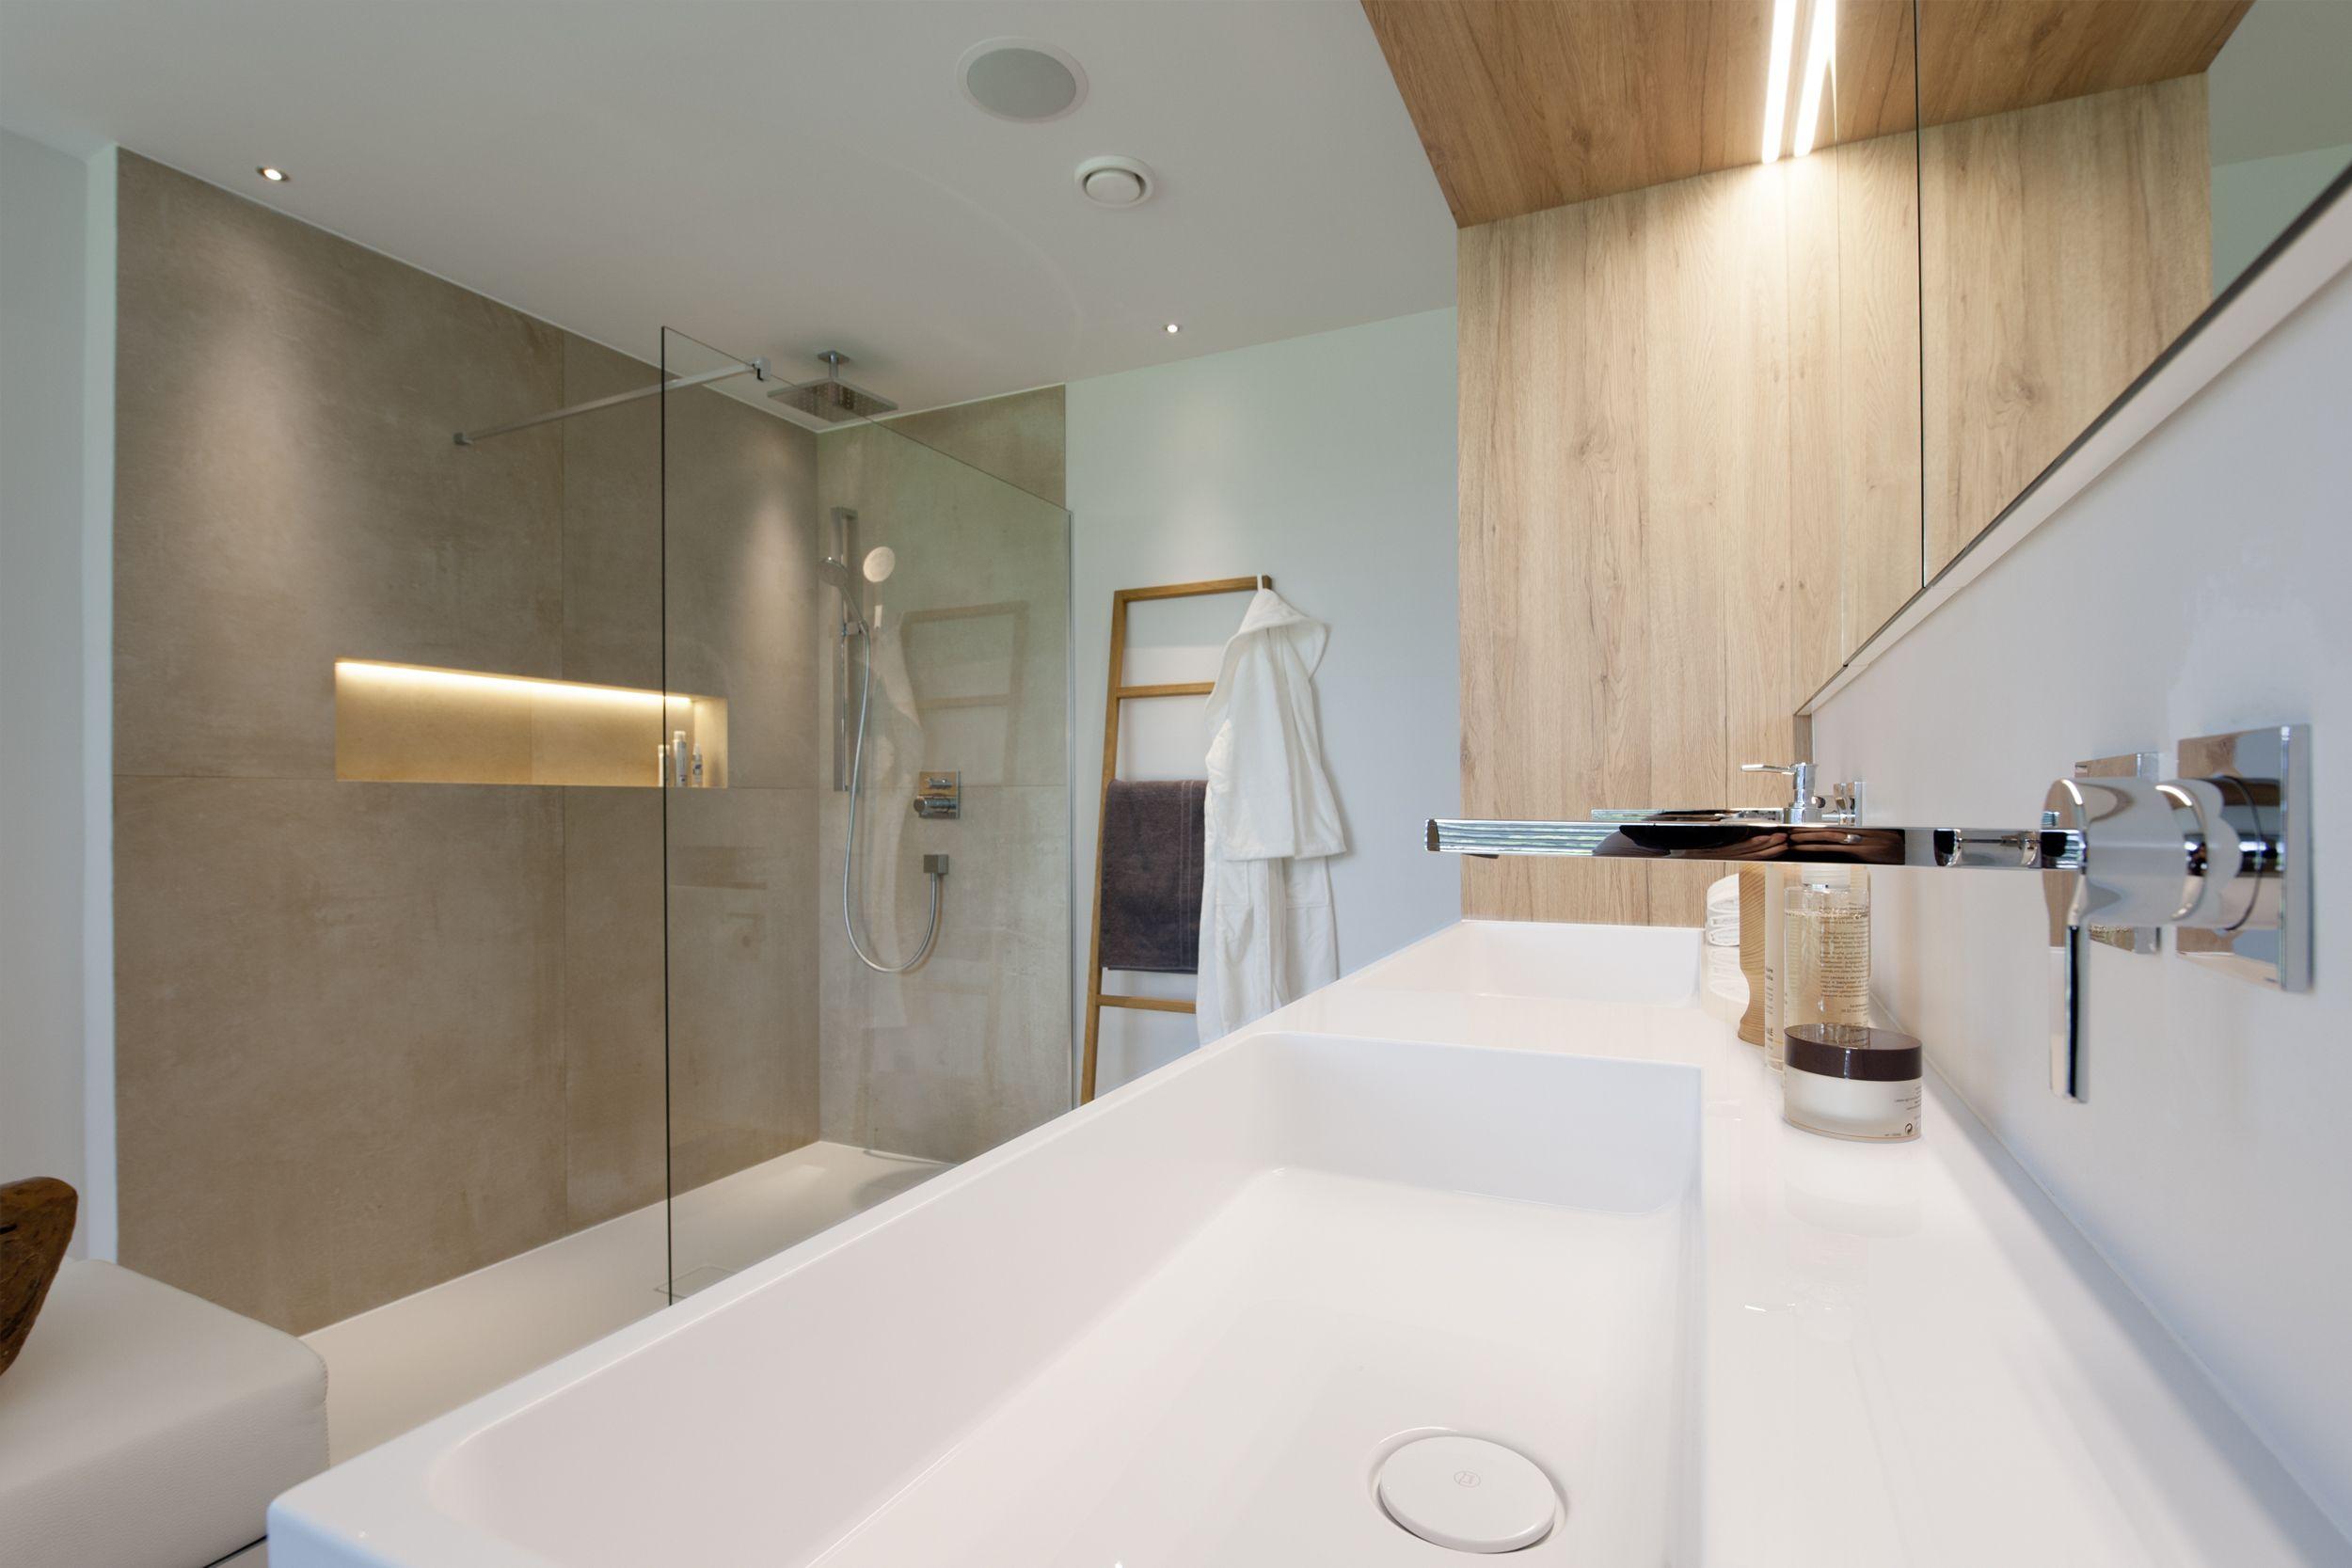 Massgefertigter Wandhangender Doppelmobelwaschtisch 15 M Luxusbad Neubau Freistehende Designerwanne Mit Gepolste Wc Mit Dusche Begehbare Dusche Luxusbad